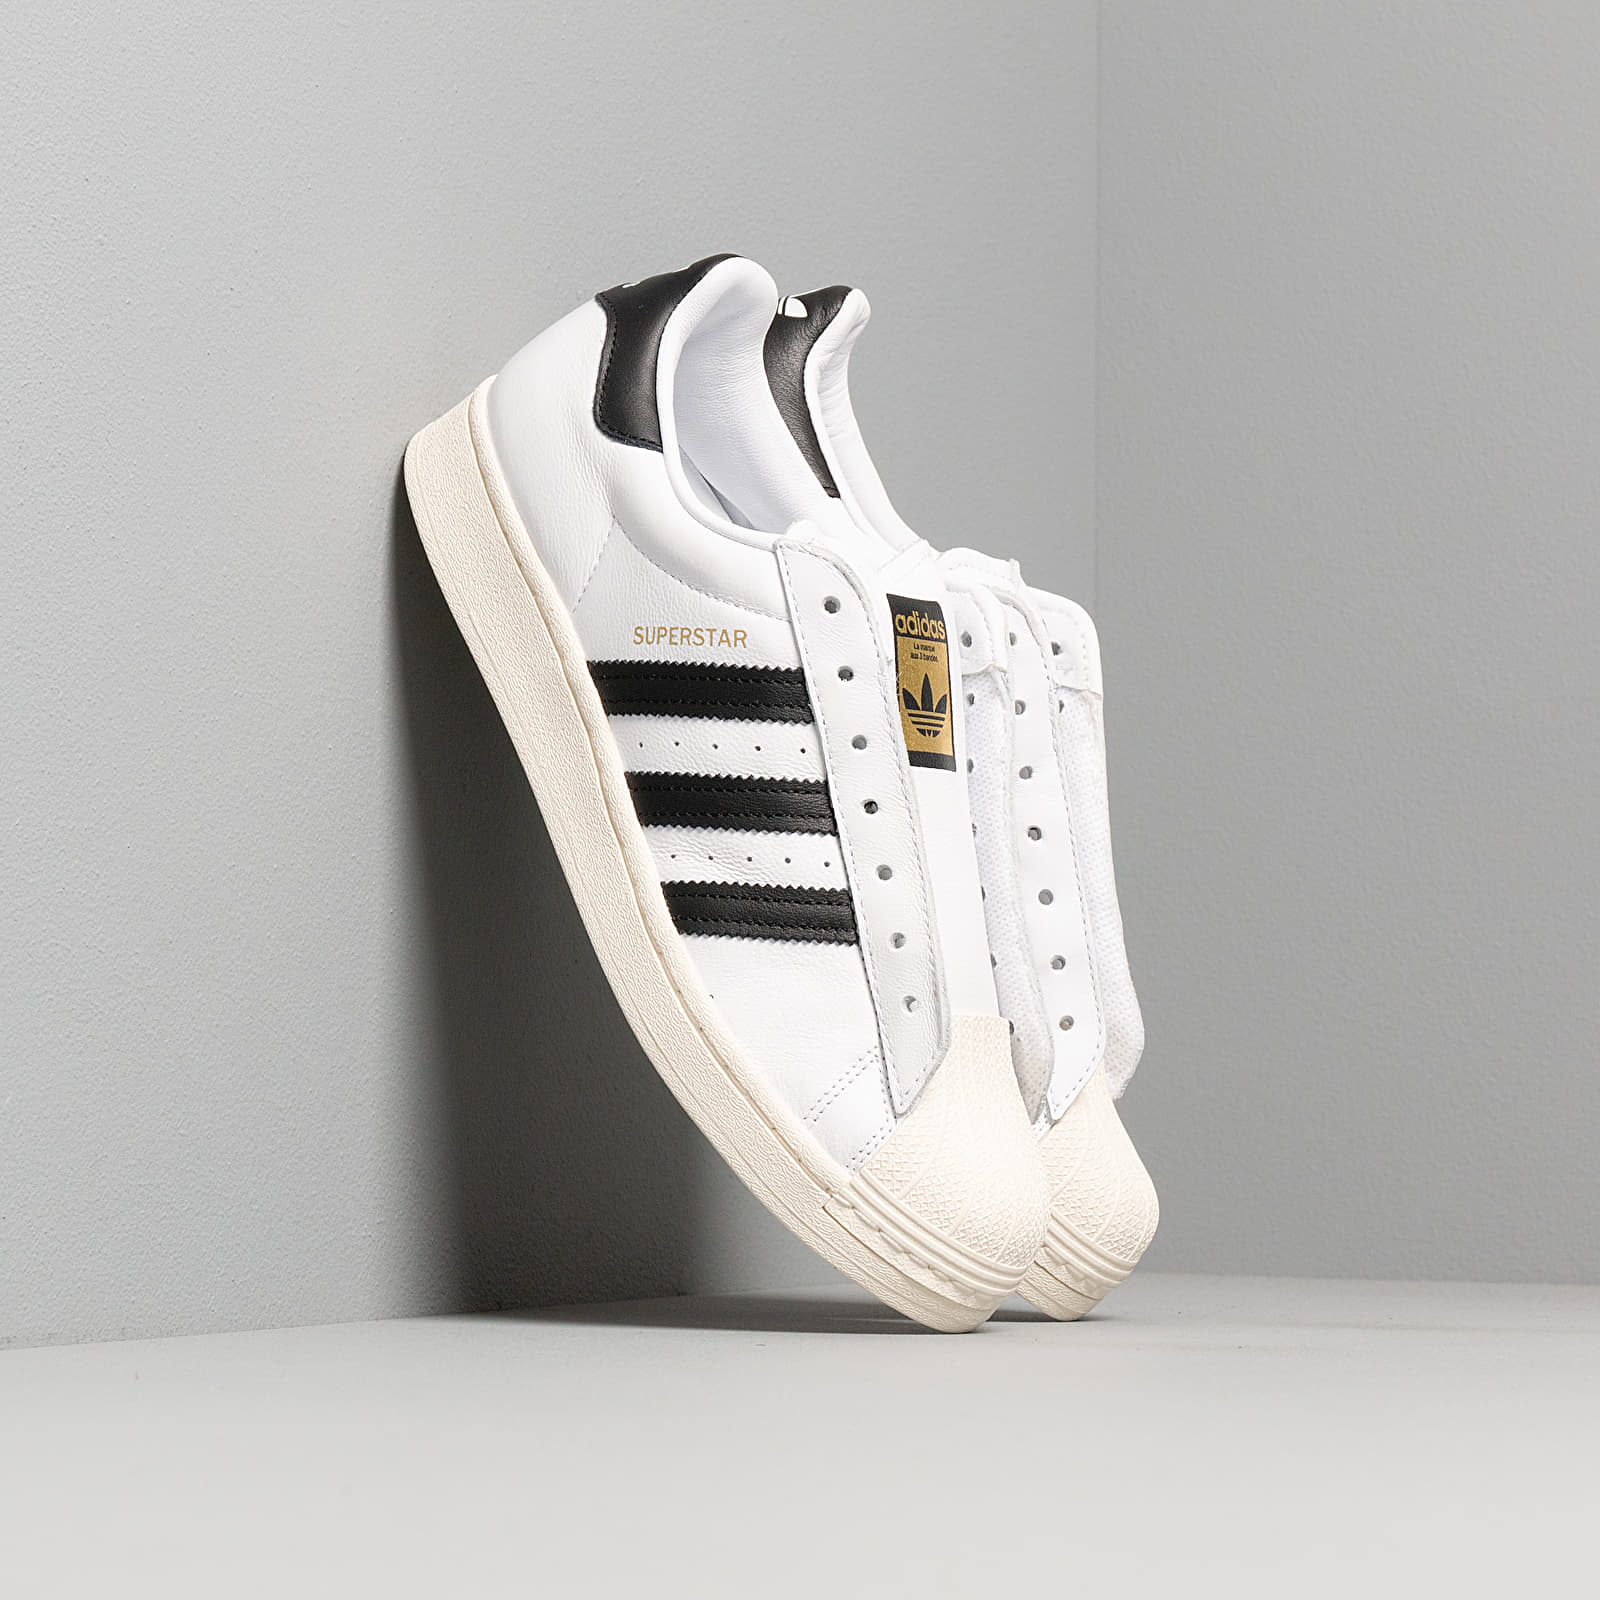 Férfi cipők adidas Superstar Laceless Ftw White/ Core Black/ Ftw White